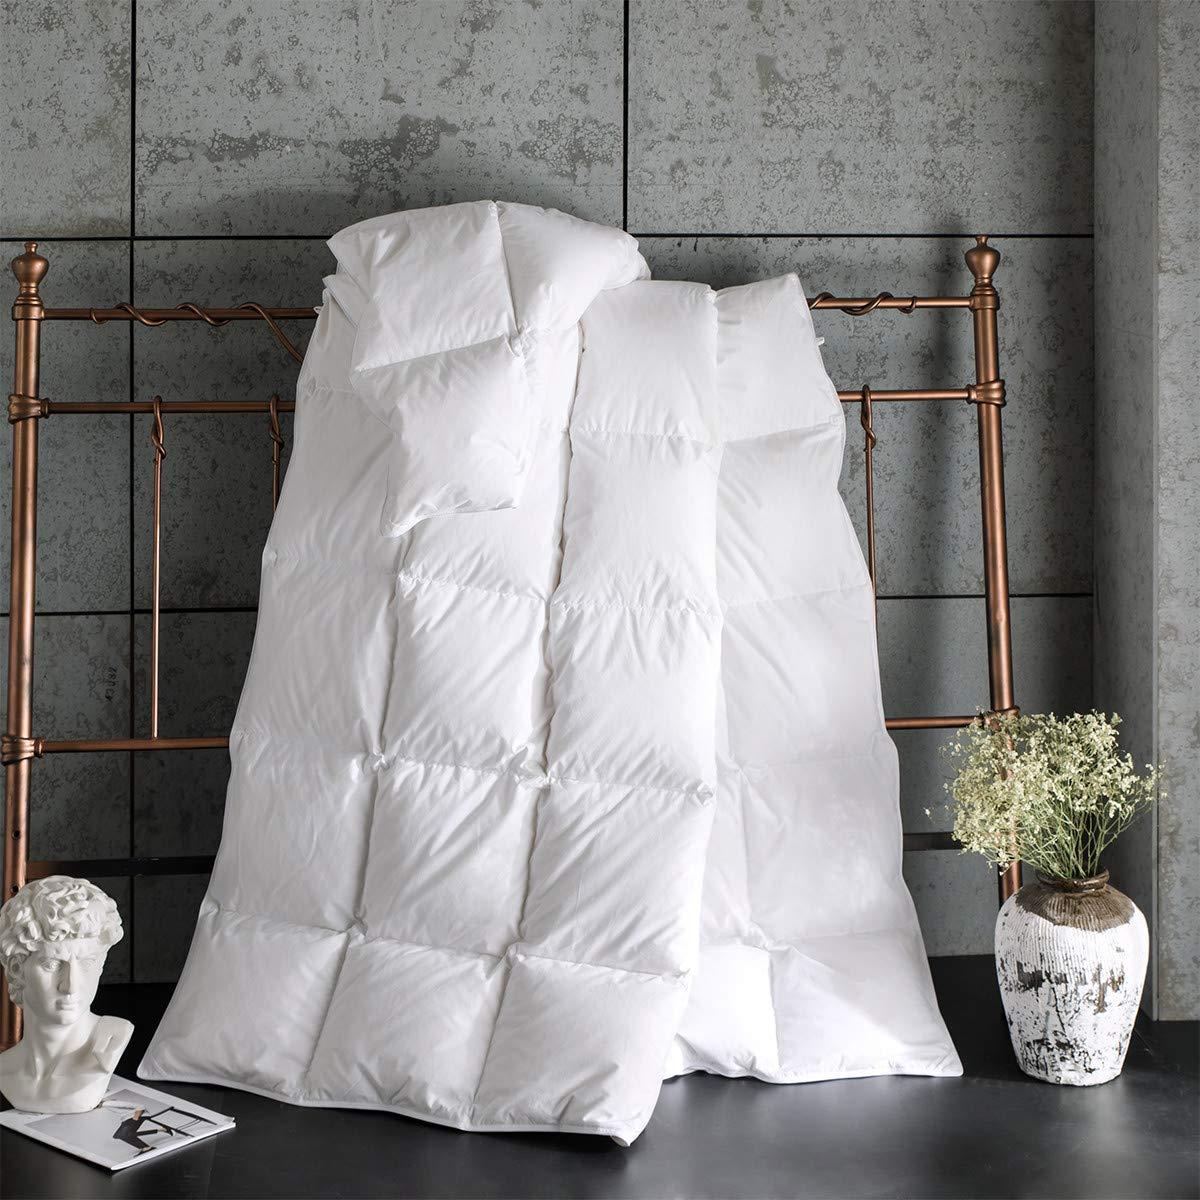 70% Off Zingsleep Goose Down Alternative Comforter